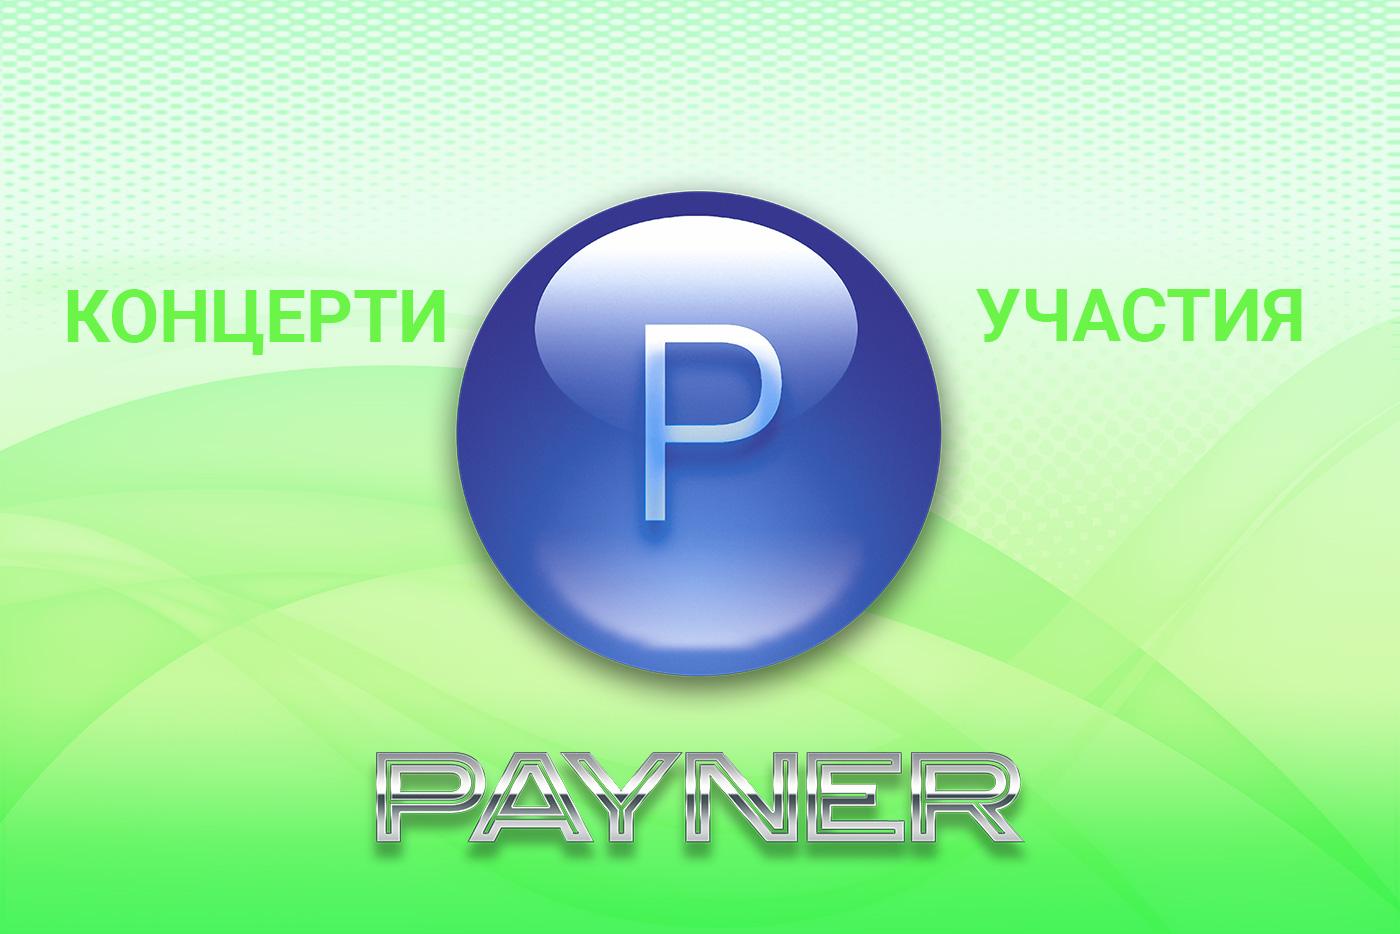 """Участия на звездите на """"Пайнер"""" на 20.06.2019"""